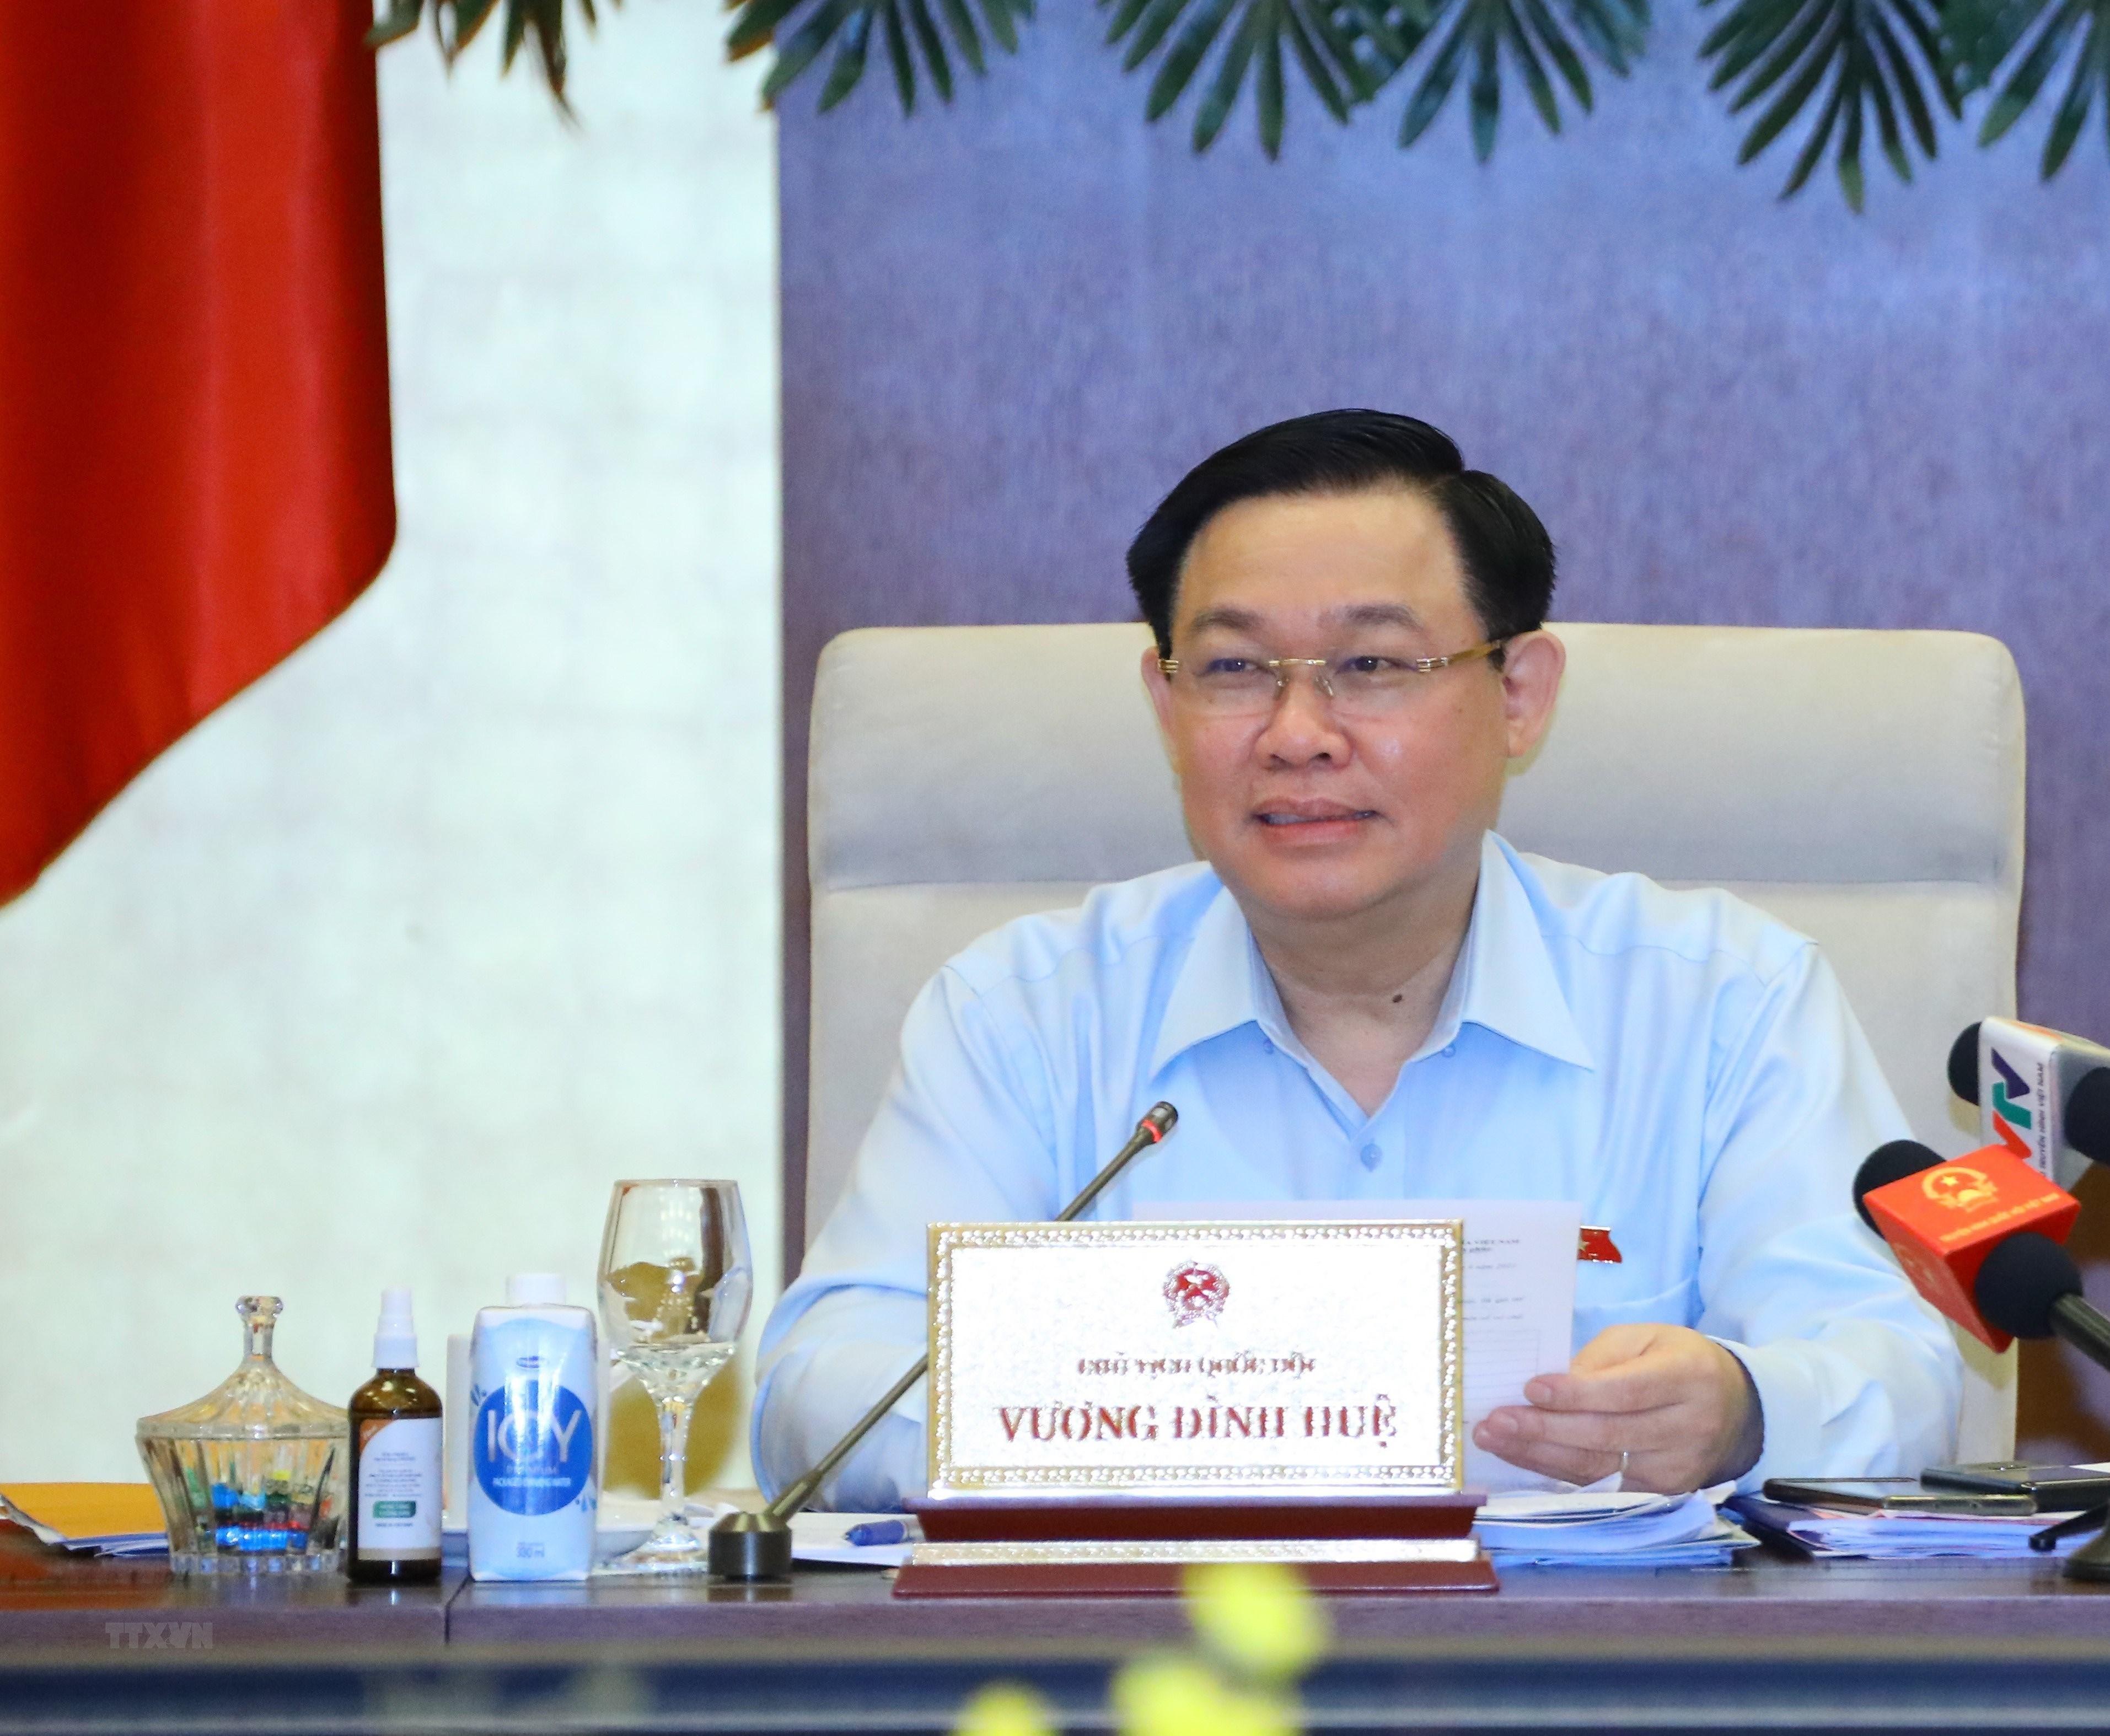 Dua Thanh Hoa tro thanh mot cuc tang truong moi vao nam 2030 hinh anh 1